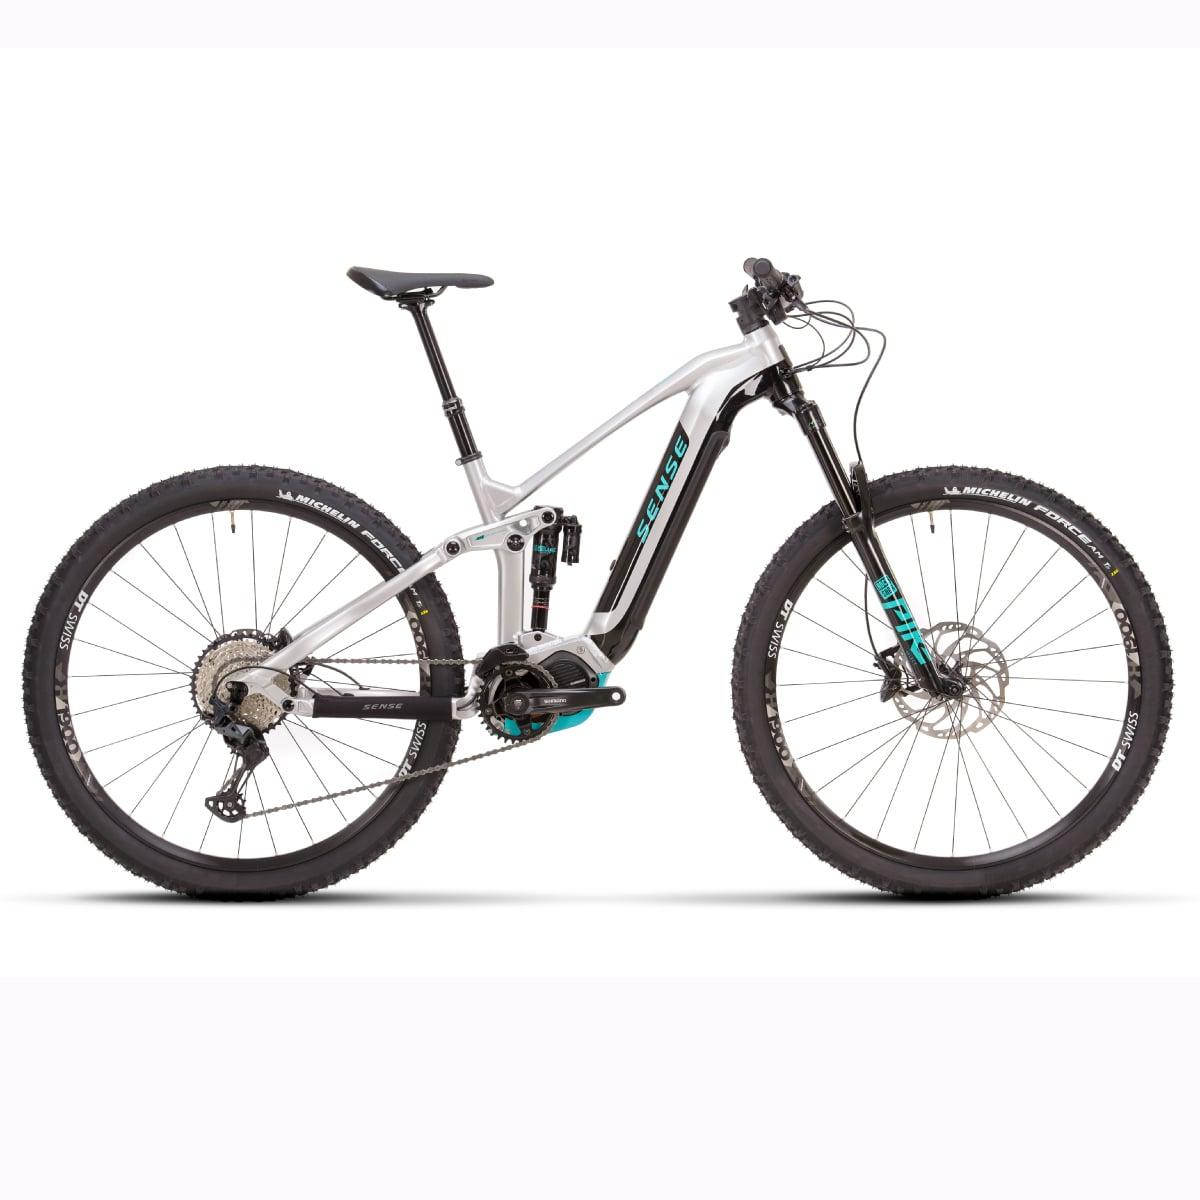 Bike Sense Eletrica Impulse E-Trail Evo 2021 SLX 12V Aluminio e Aqua